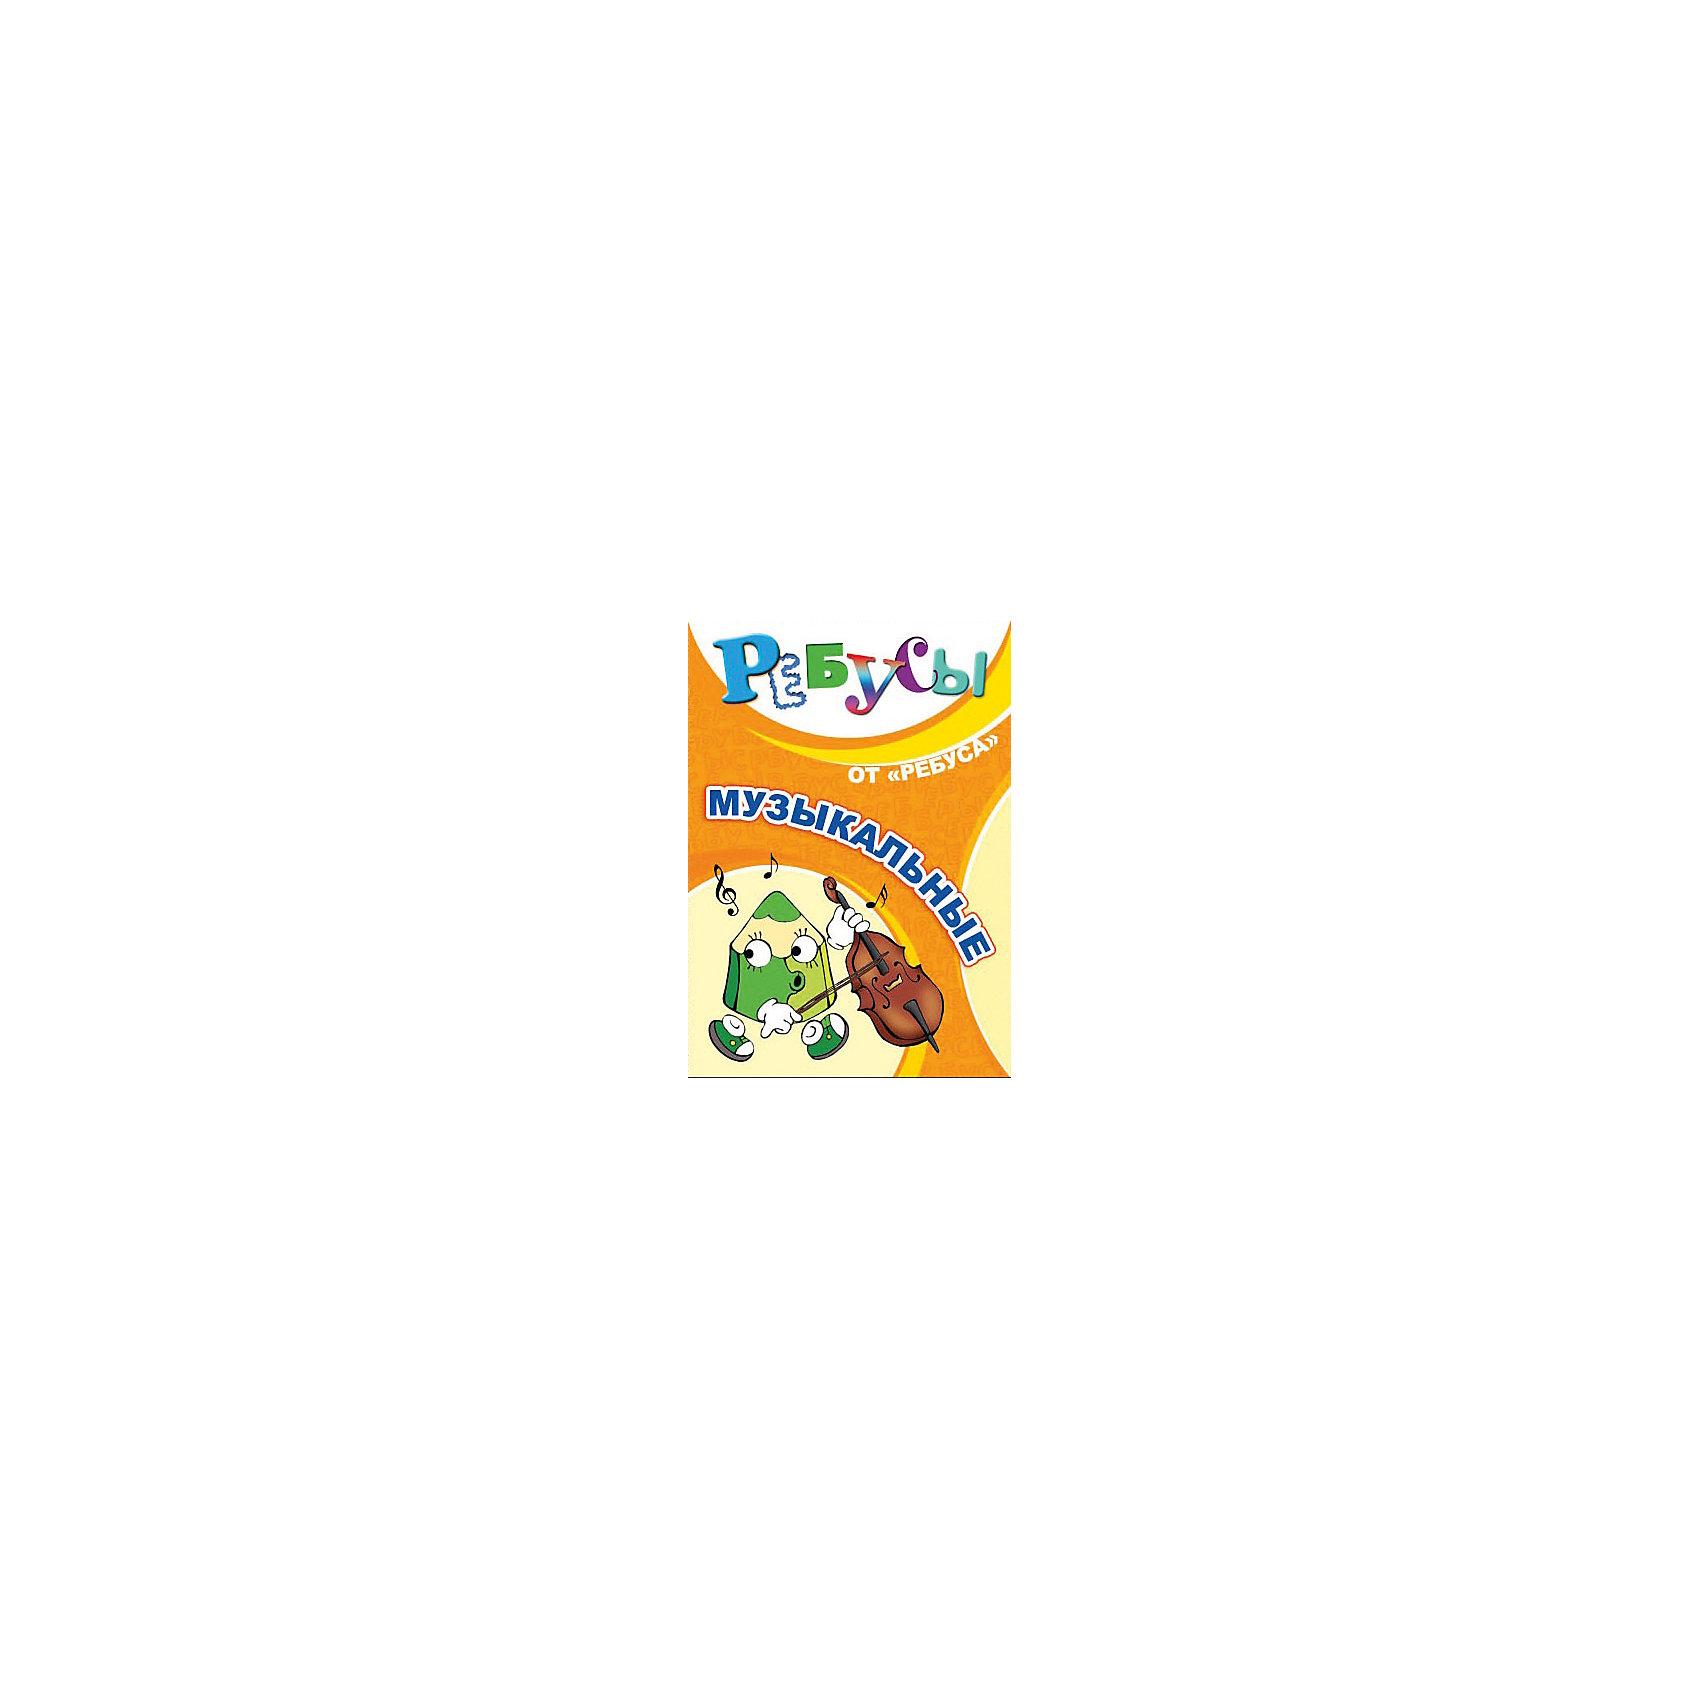 Ребусы Музыкальные, Игротека Татьяны БарчанВикторины, ребусы<br>Ребусы Музыкальные, Игротека Татьяны Барчан.<br><br>Характеристики:<br><br>• Для детей в возрасте: от 6 до 12 лет<br>• В комплекте: 20 карточек с ребусами, ответы, инструкция<br>• Размер карточек: 10,5х6,5 см.<br>• Материал: плотный качественный картон<br>• Производитель: ЦОТР Ребус (Россия)<br>• Упаковка: картонная коробка<br>• Размер упаковки: 115х85х20 мм.<br>• Вес: 55 гр.<br><br>Познакомить ребенка с названиями музыкальных инструментов и музыкальными терминами можно во время веселой и занимательной игры - разгадывания ребусов. В комплекте вы найдете 20 карточек с зашифрованными словами, а также правила разгадывания ребусов. <br><br>Задания можно использовать в конкурсах, викторинах, на праздниках. Небольшой формат позволяет взять игру в дорогу. Занимательный процесс разгадывания ребусов способствует развитию у детей внимания, пространственно-логического мышления и наблюдательности.<br><br>Ребусы Музыкальные, Игротека Татьяны Барчан можно купить в нашем интернет-магазине.<br><br>Ширина мм: 120<br>Глубина мм: 85<br>Высота мм: 20<br>Вес г: 50<br>Возраст от месяцев: 72<br>Возраст до месяцев: 144<br>Пол: Унисекс<br>Возраст: Детский<br>SKU: 6751359